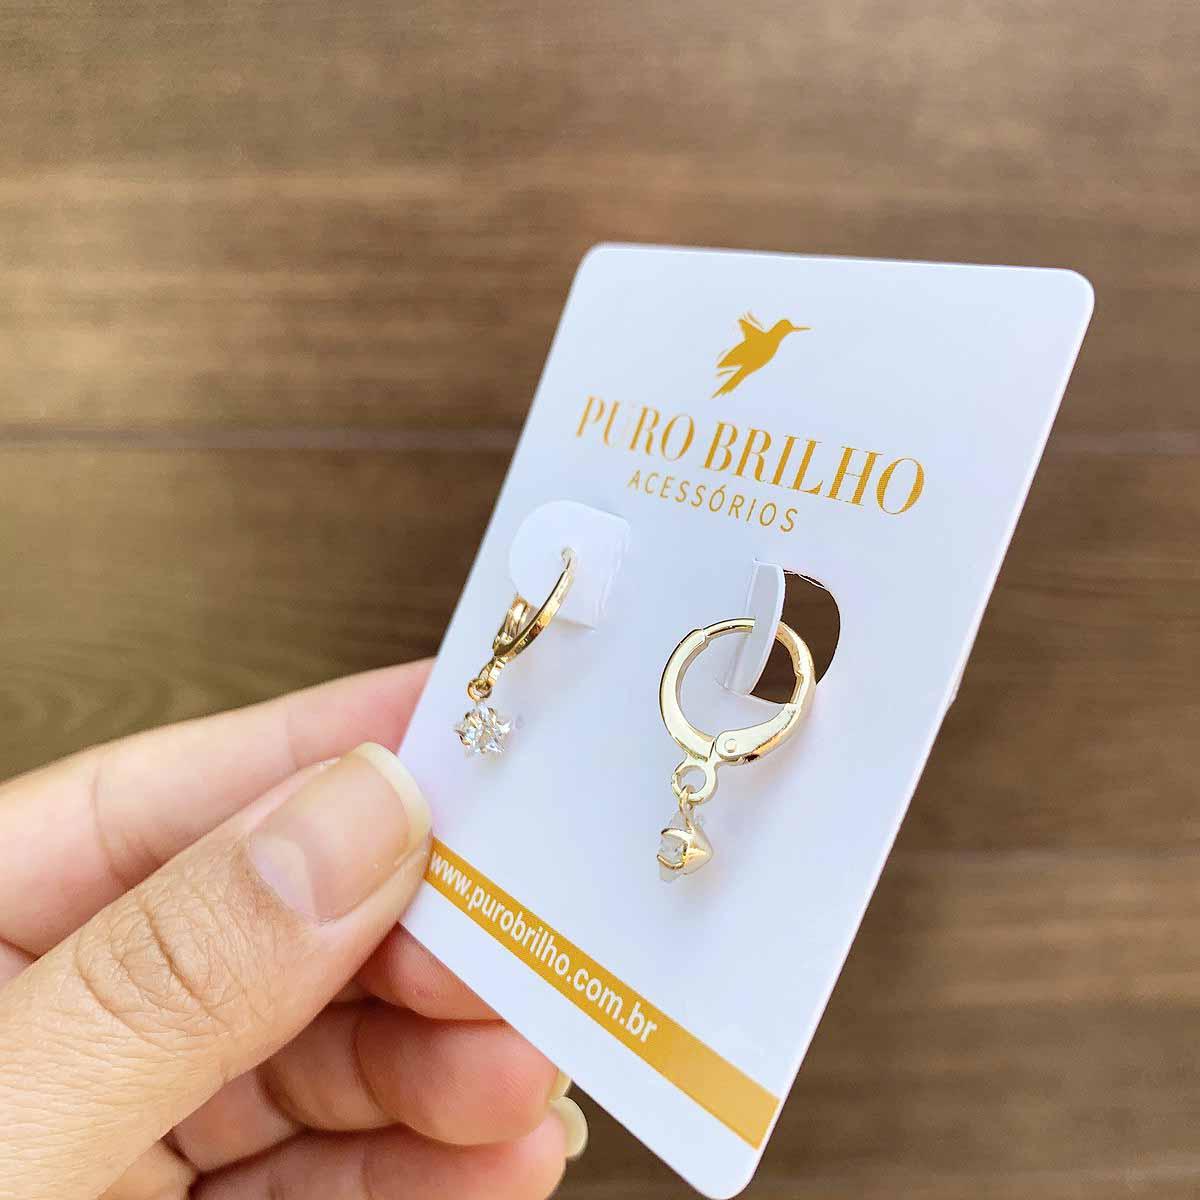 Brinco Argola Pequena com Pingente Estrela em Zircônia Folheado a Ouro 18K